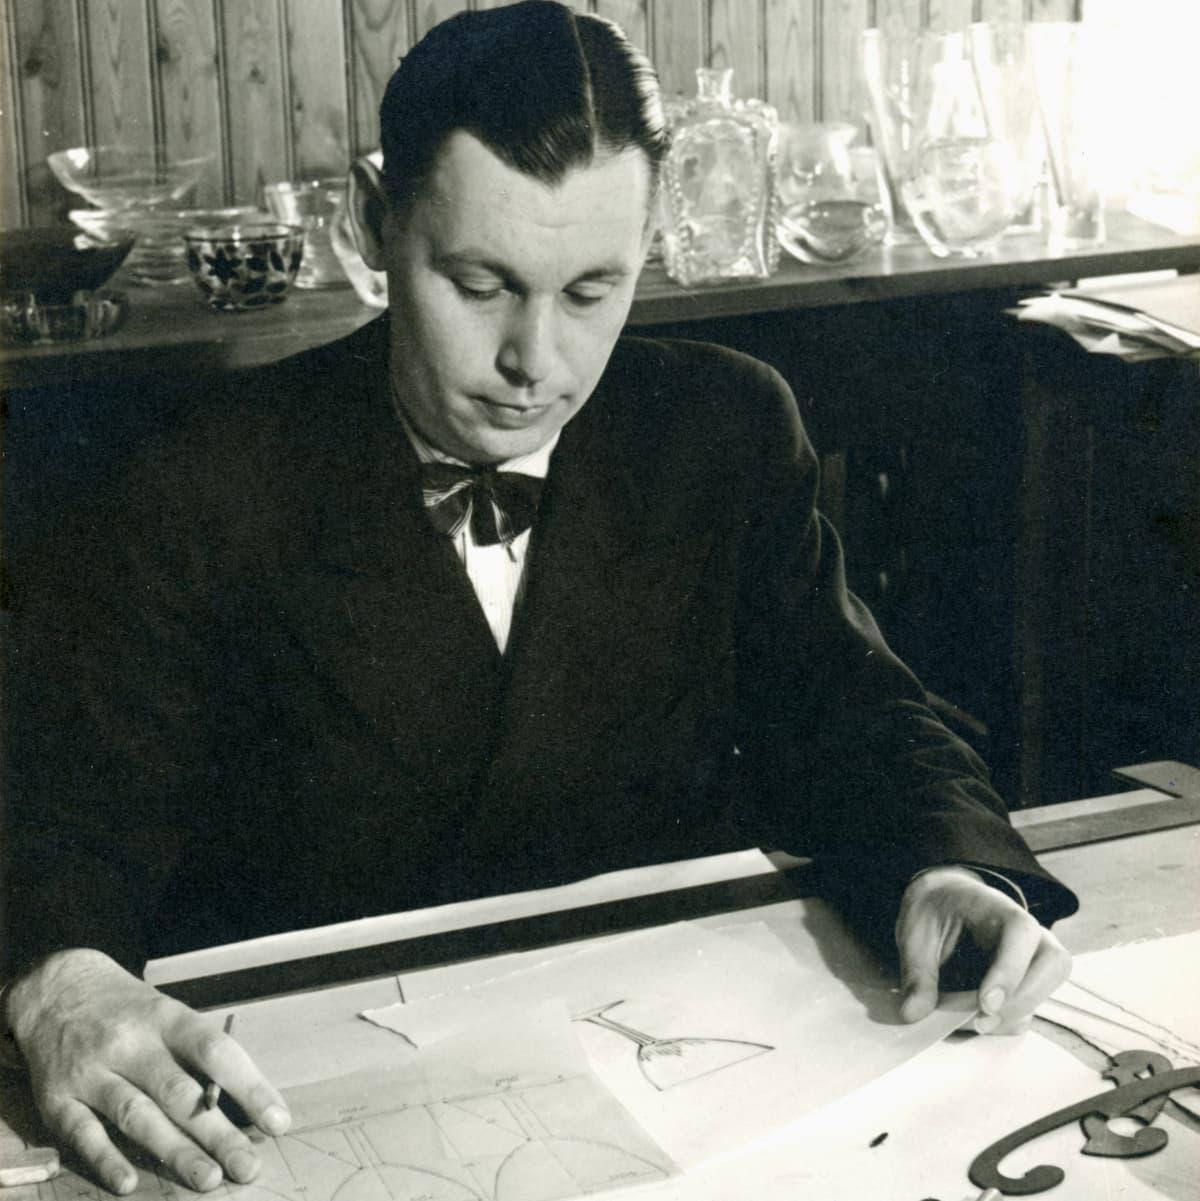 Rusettikaulainen mies istuu työpöydän ääressä piirustuksia edessään